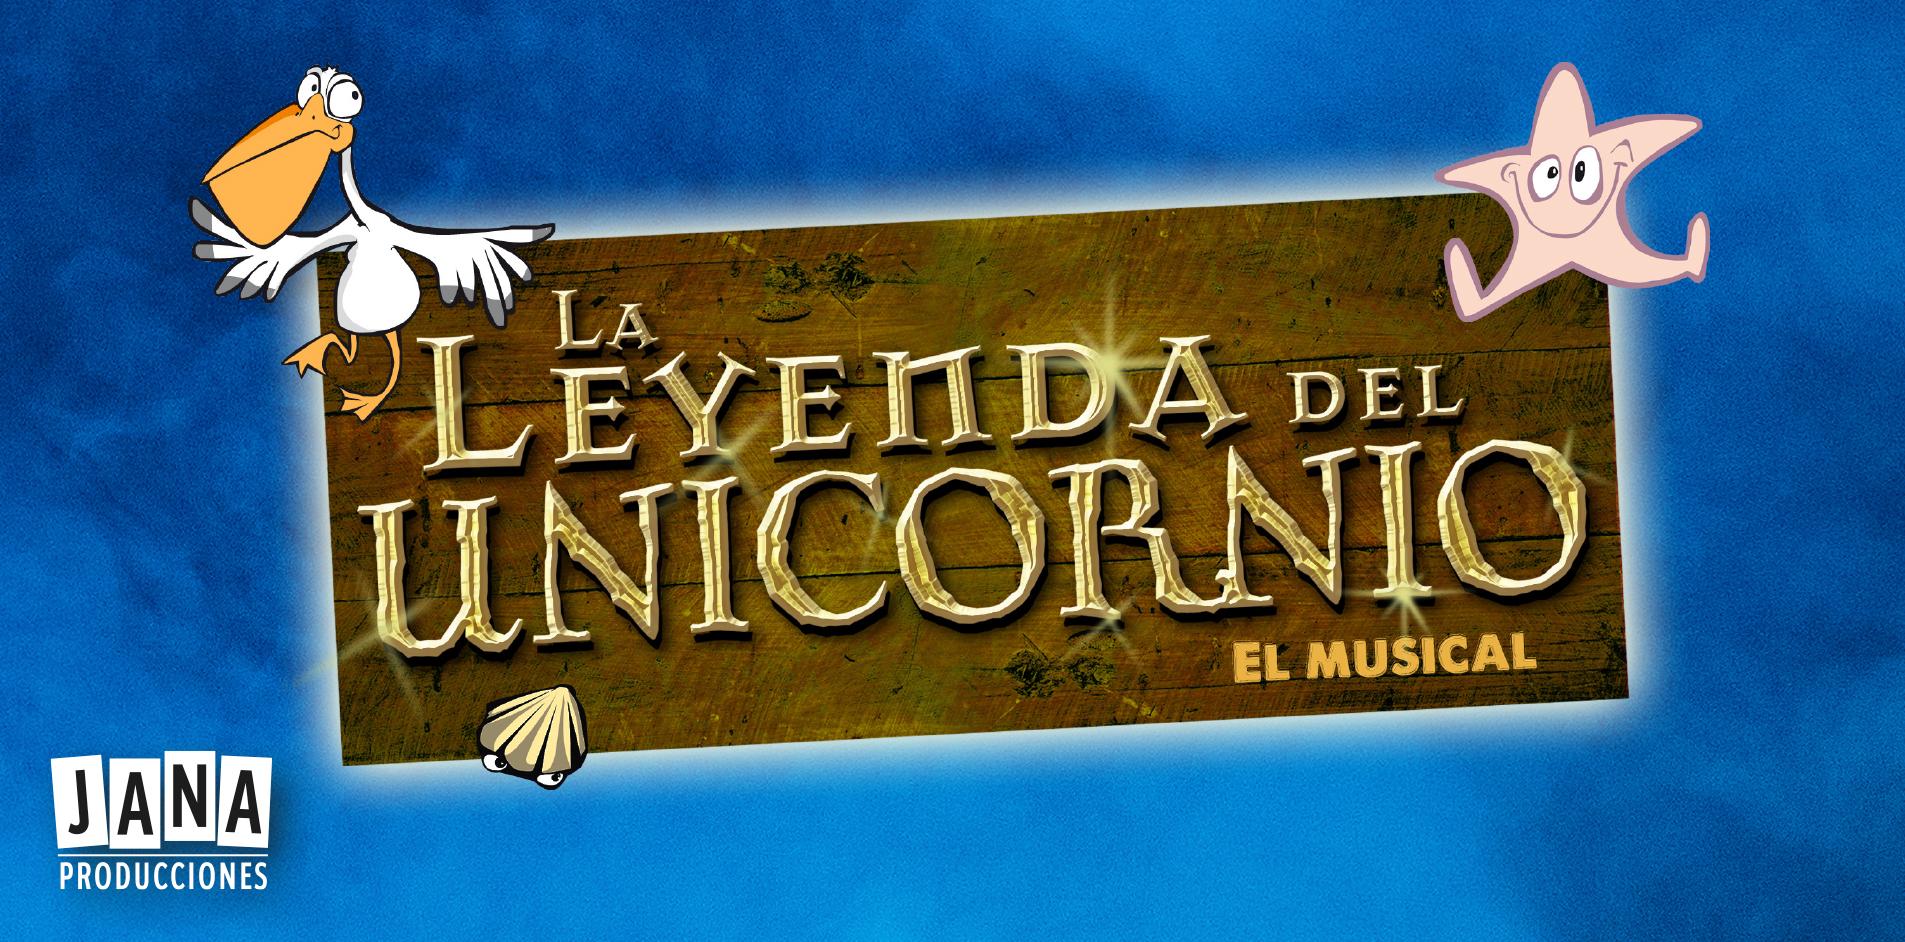 web-la-leyenda-del-unicornio